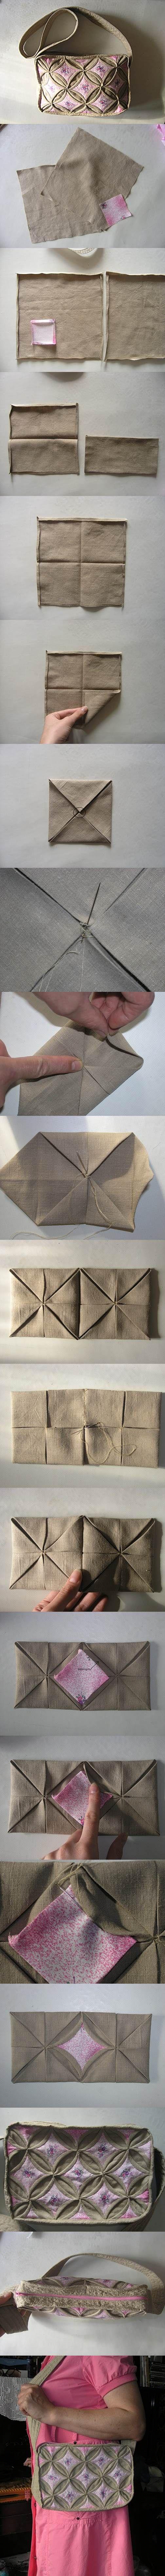 Idea de tejido que puede ser empleada para otro proyecto